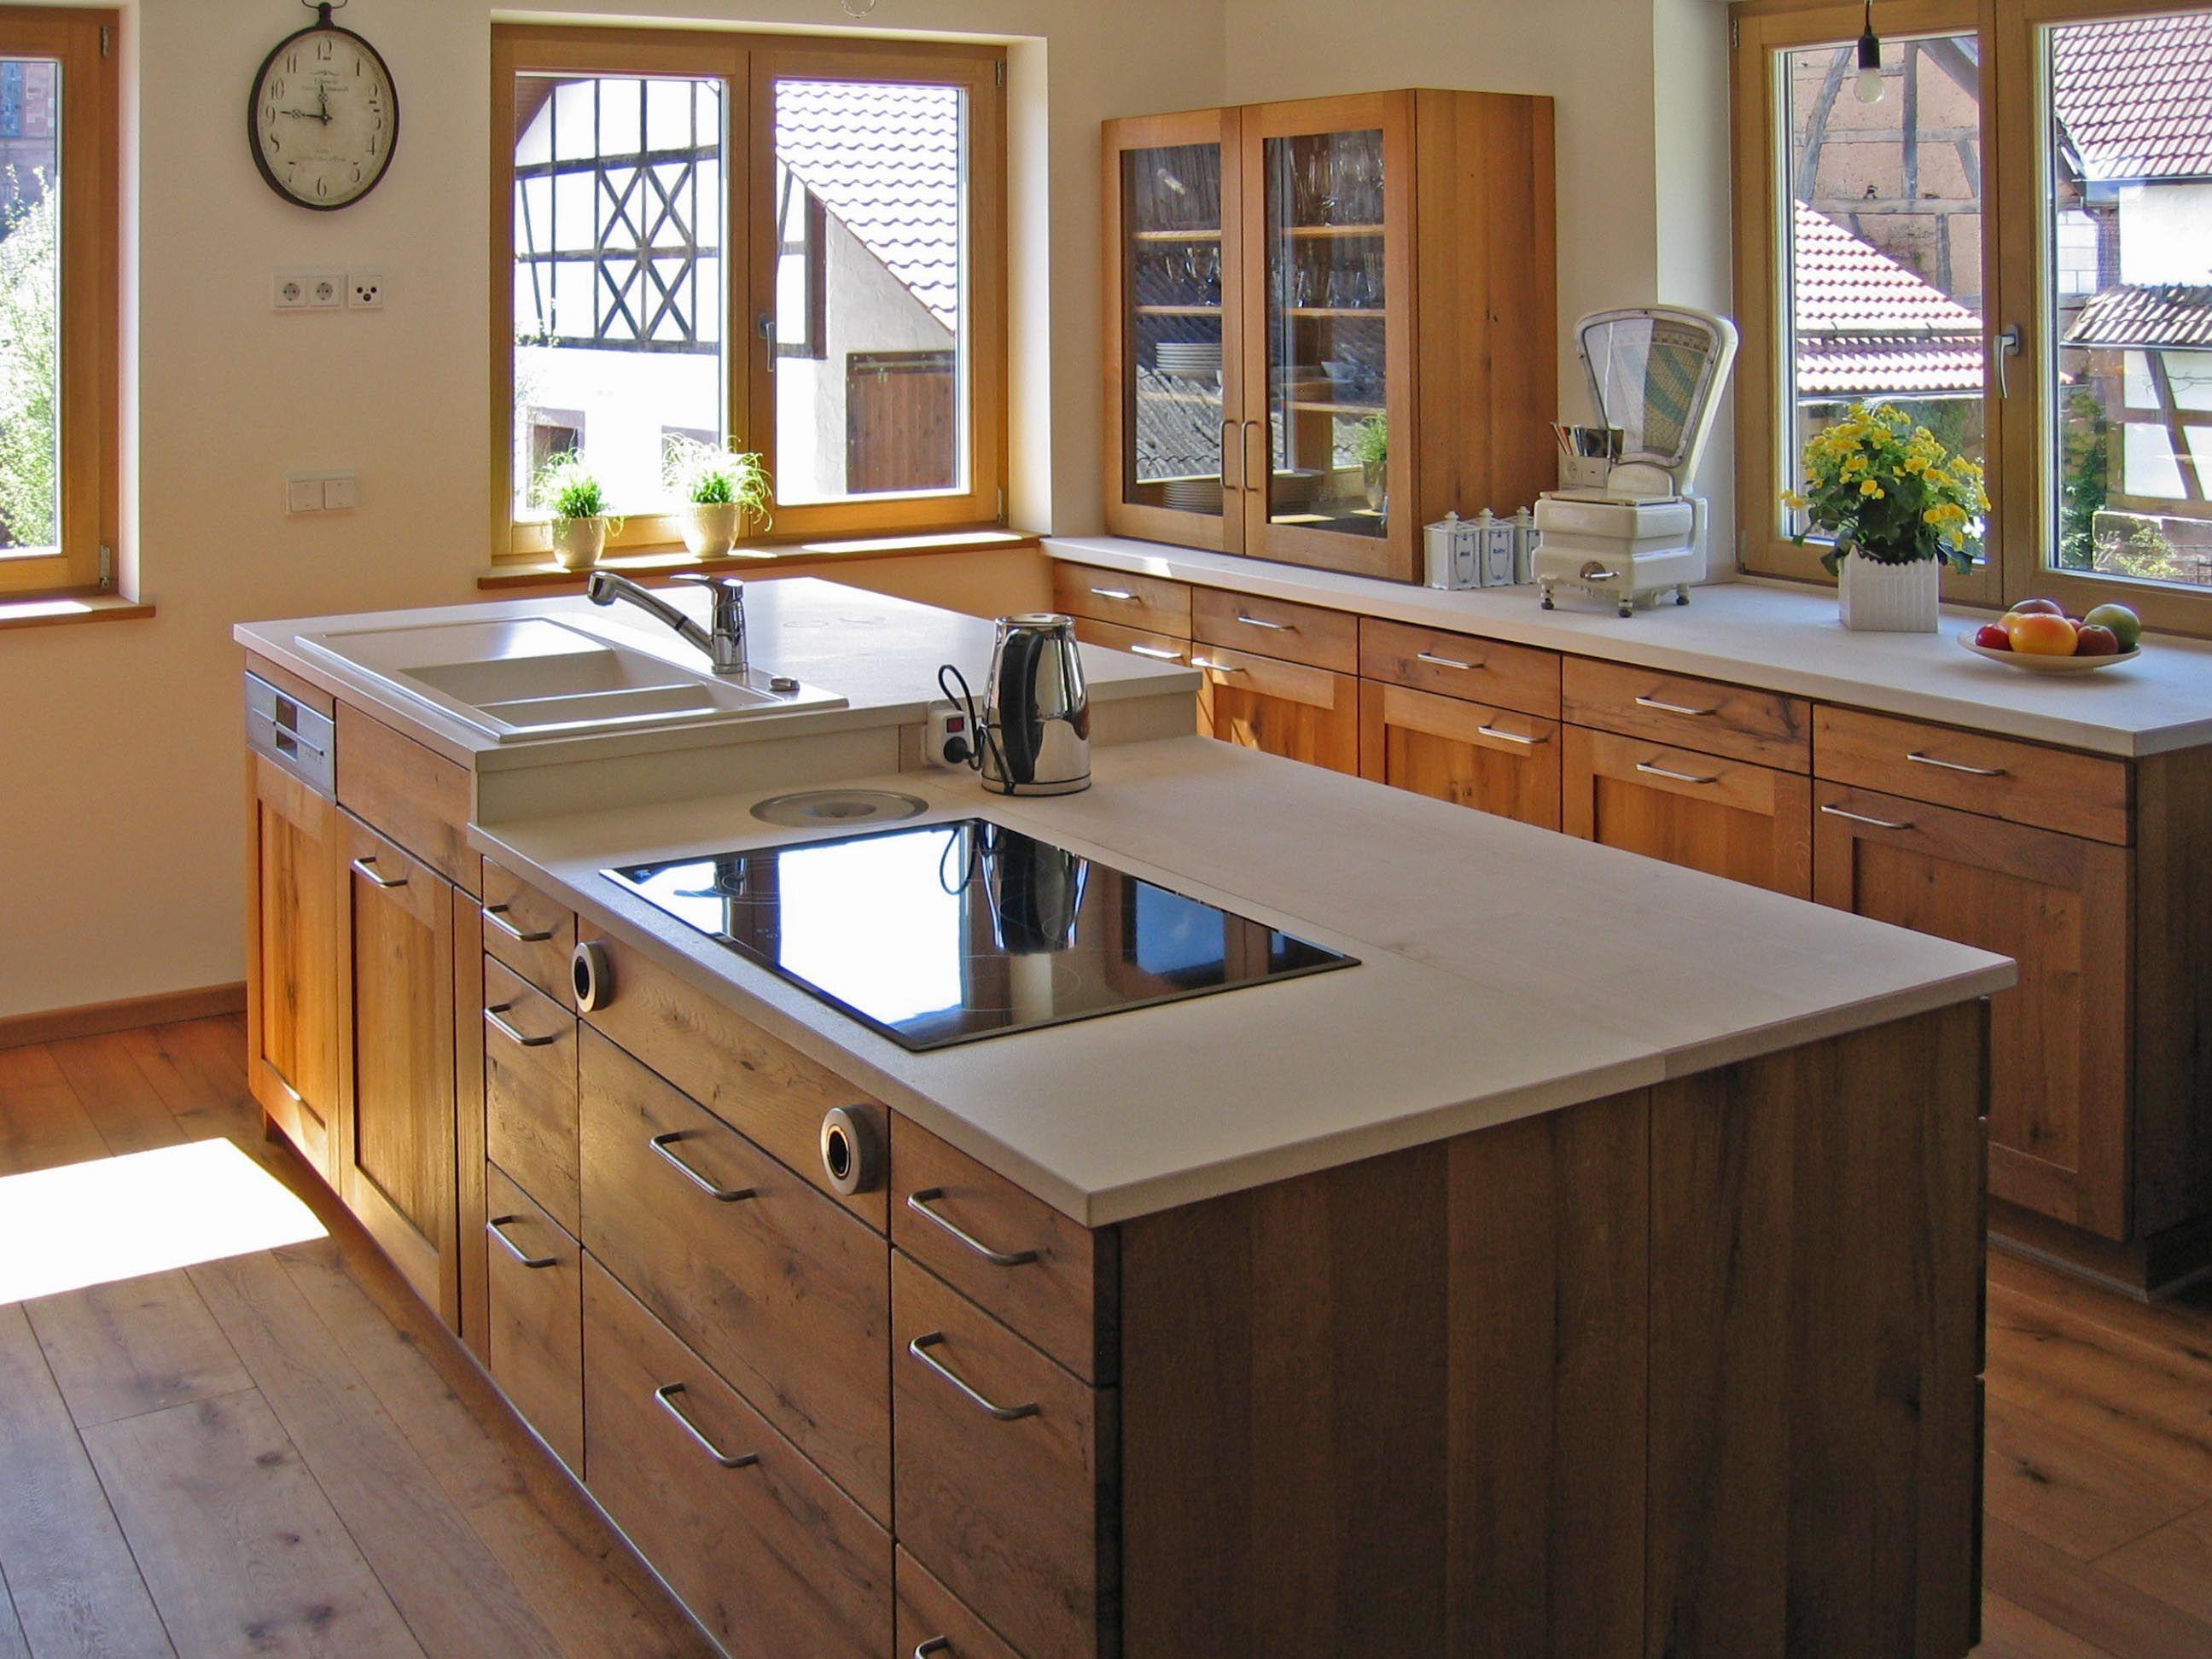 naturholz kuche klassische und moderne massivholzkuchen kucheneinrichtung holz altholz kuche kuchen ideen kuche eiche rustikal